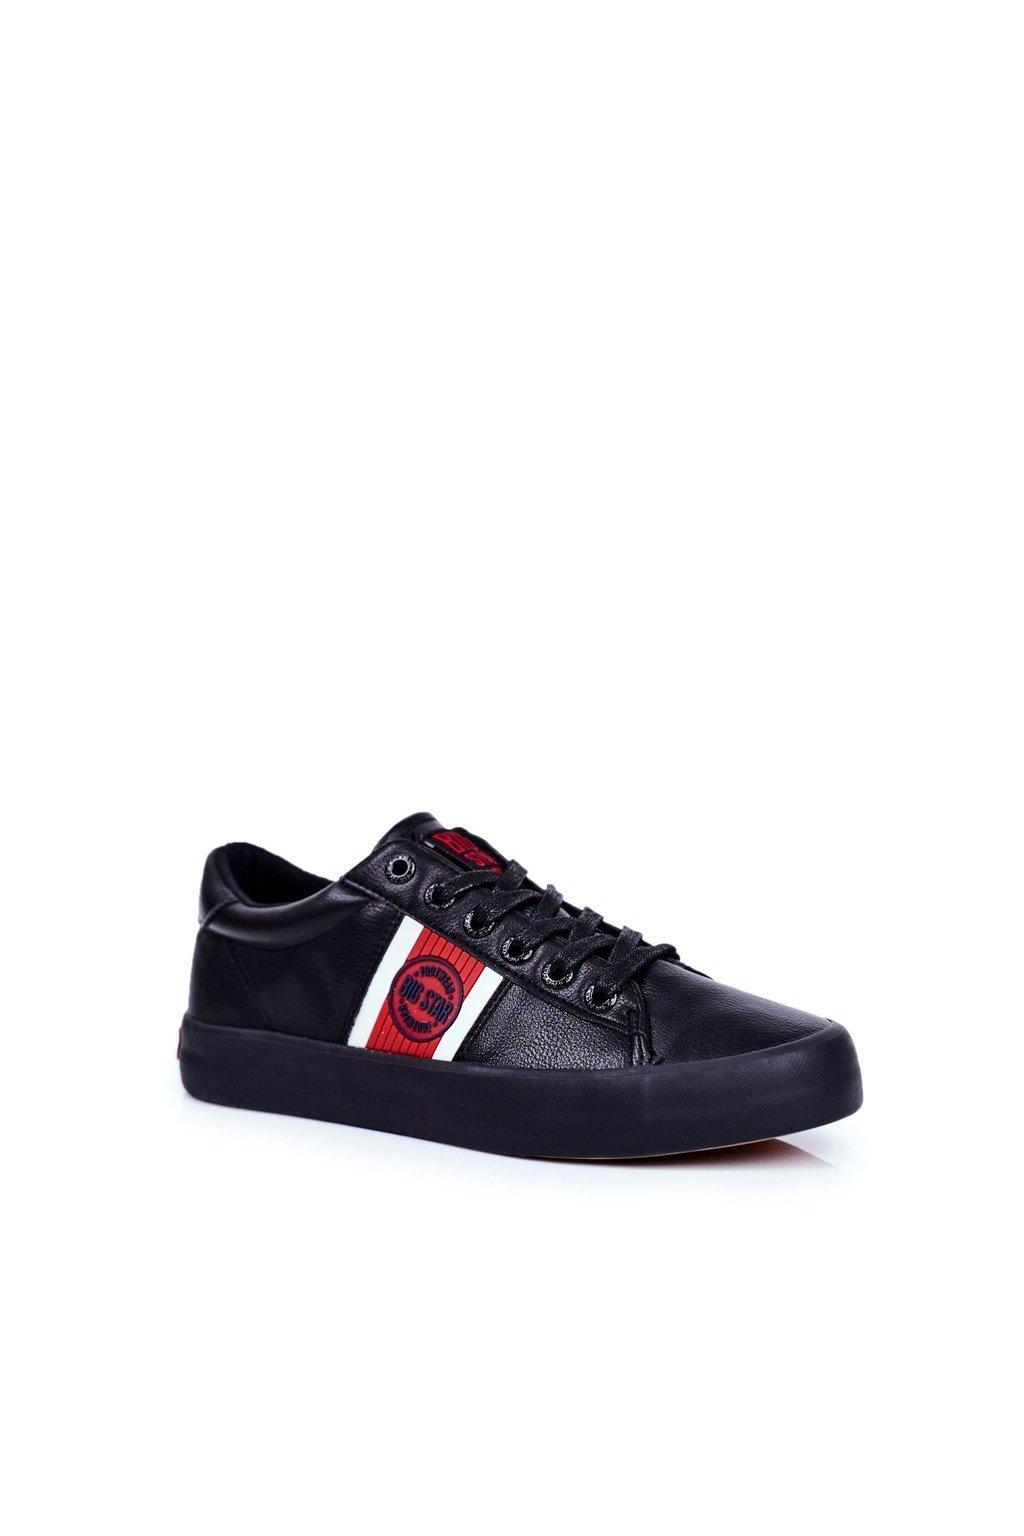 Čierna obuv kód topánok GG174111 BLK